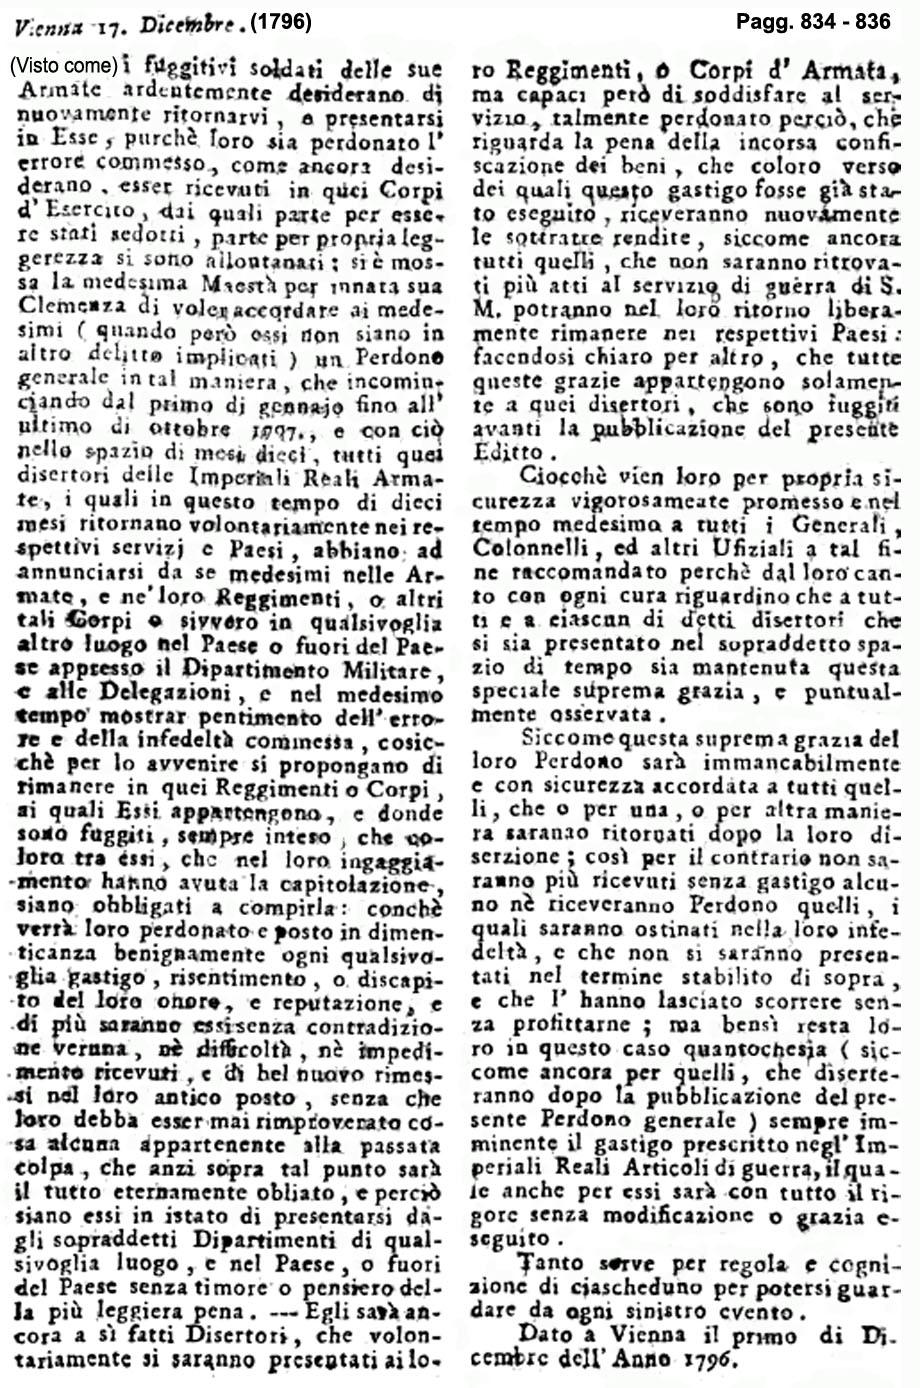 Storia di Venezia - Gazzetta Universale, n. 105 pubblicata Sabato 31 Dicembre 1796